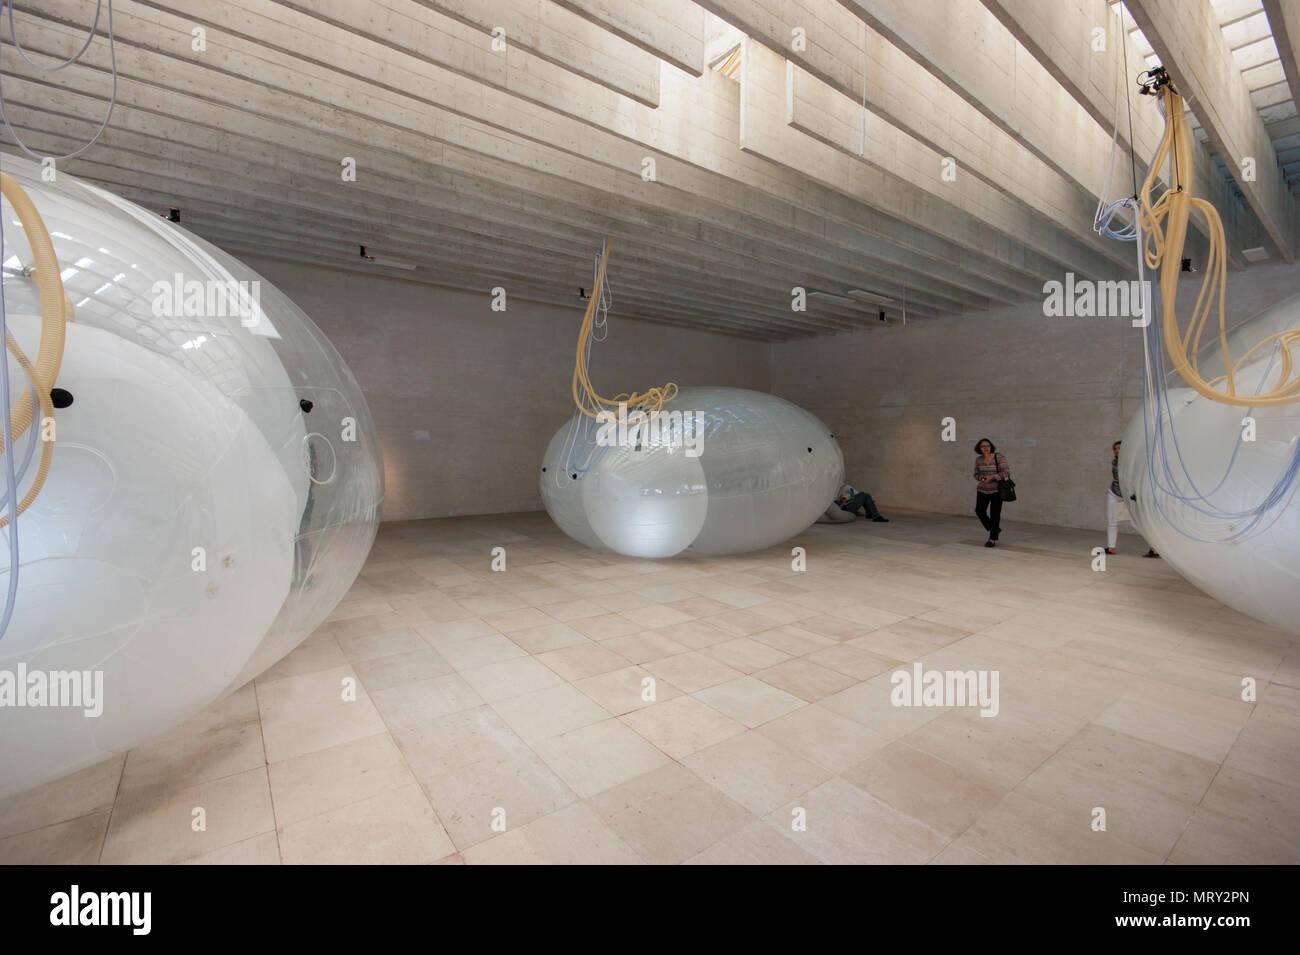 Ein weiterer Großzügigkeit durch Norwegens Lunden Architektur, Ausstellung der Nordischen Länder Pavillon auf der Architektur-Biennale in Venedig 2018 Stockbild